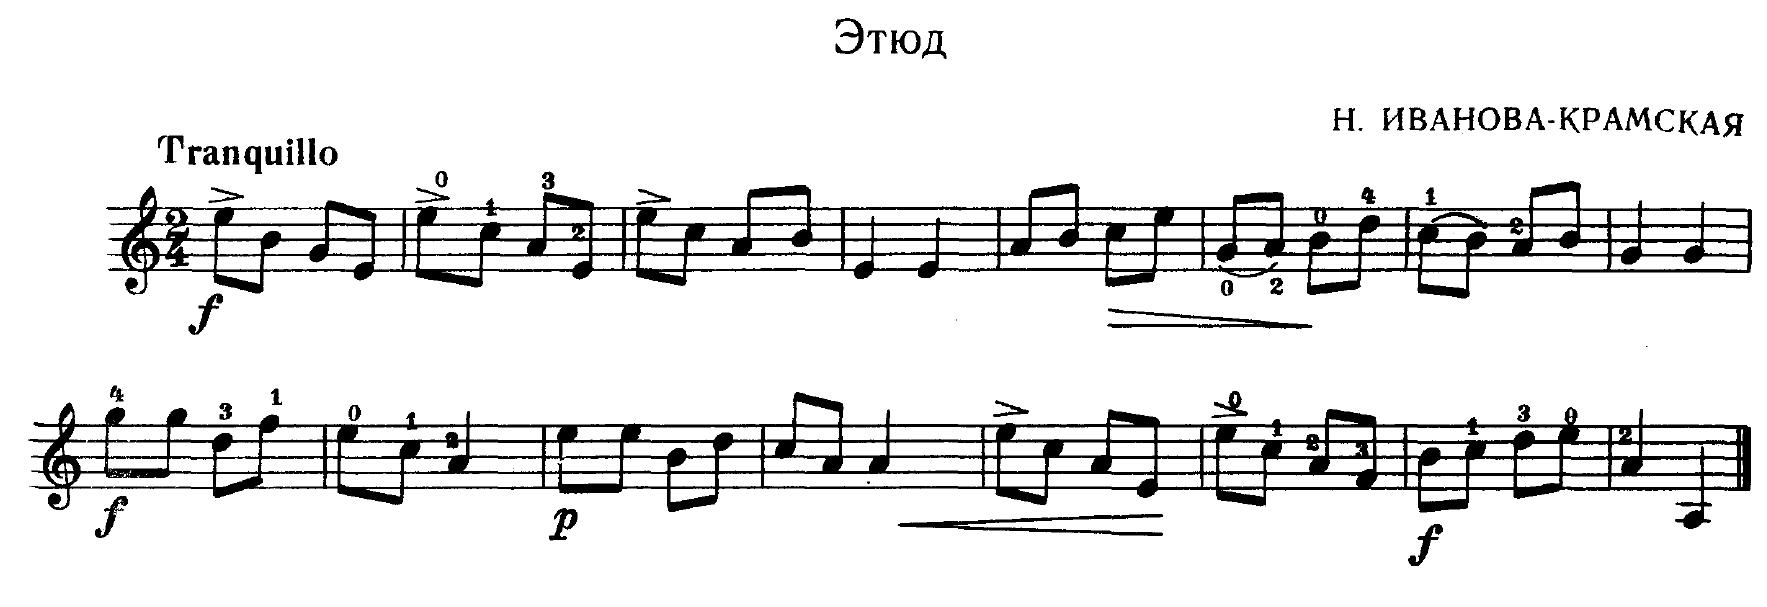 Этюд с пояснениями. Иванова-Крамская